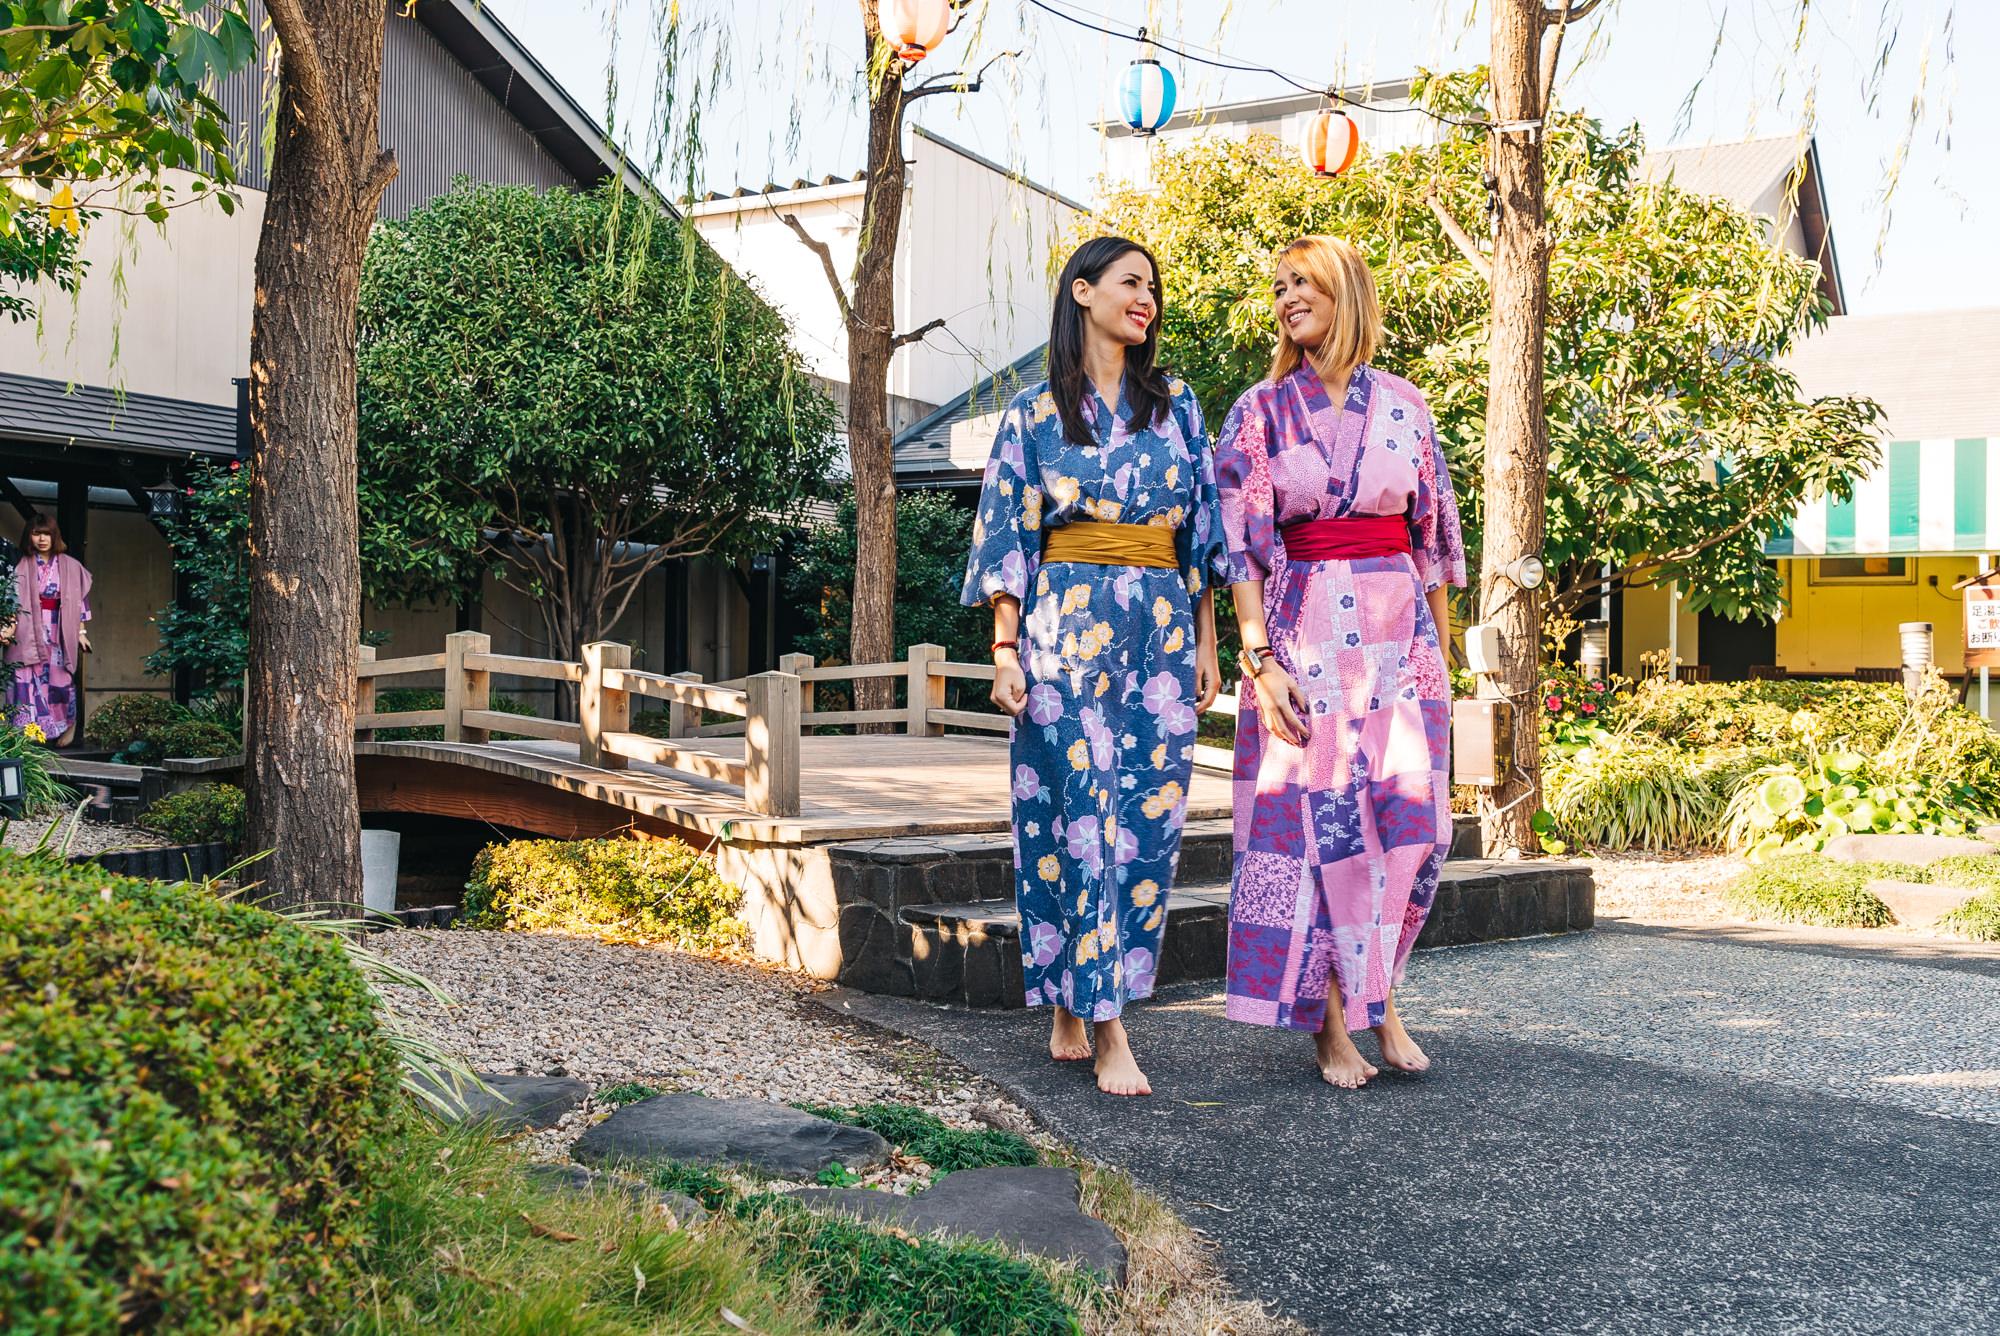 We really enjoyed wearing these cute yukatas